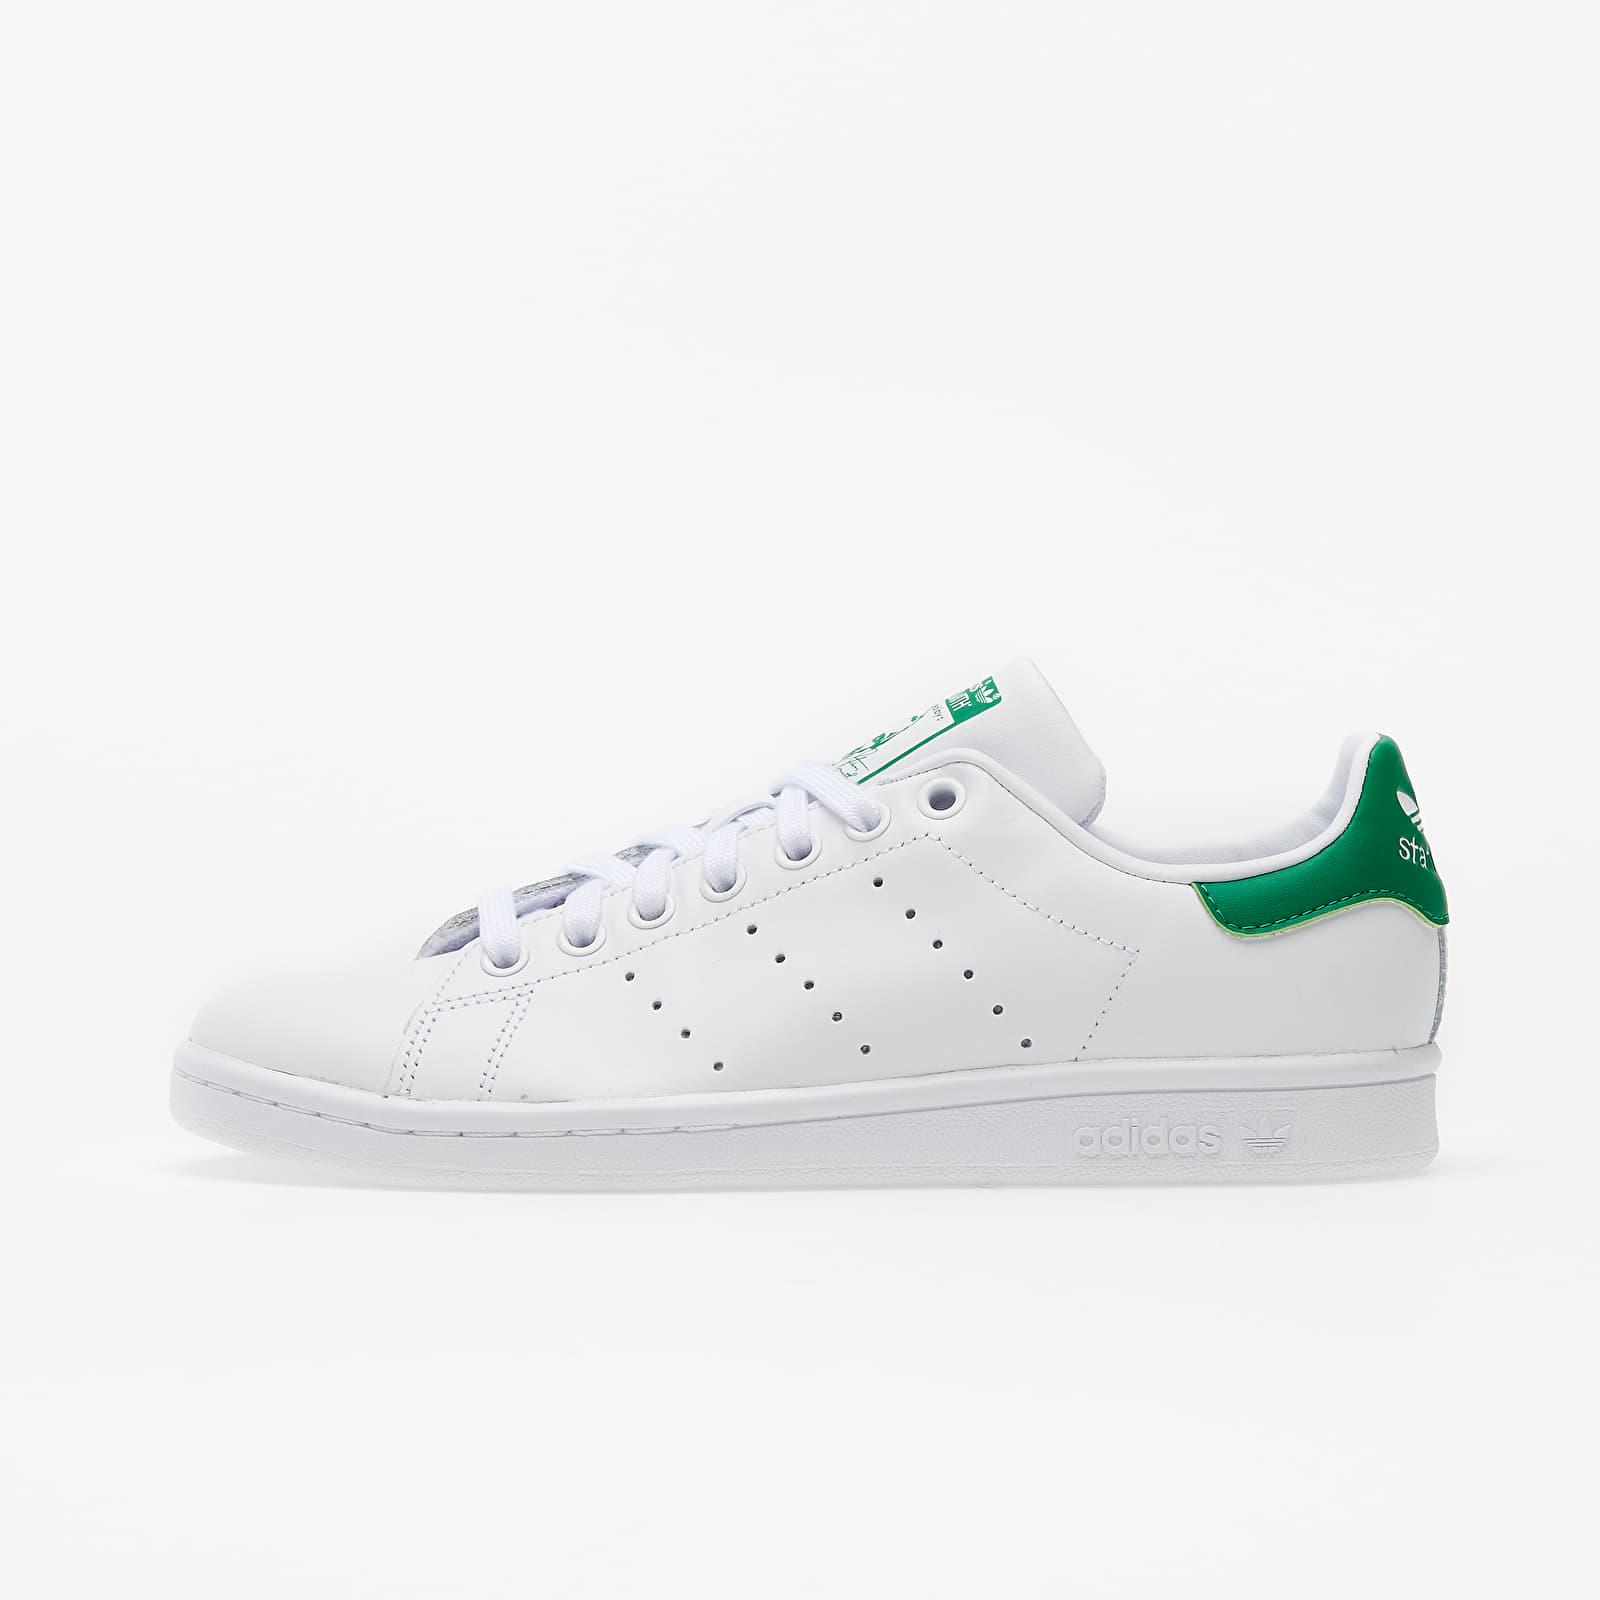 Moški čevlji adidas Stan Smith Run Ftw White/ Core White